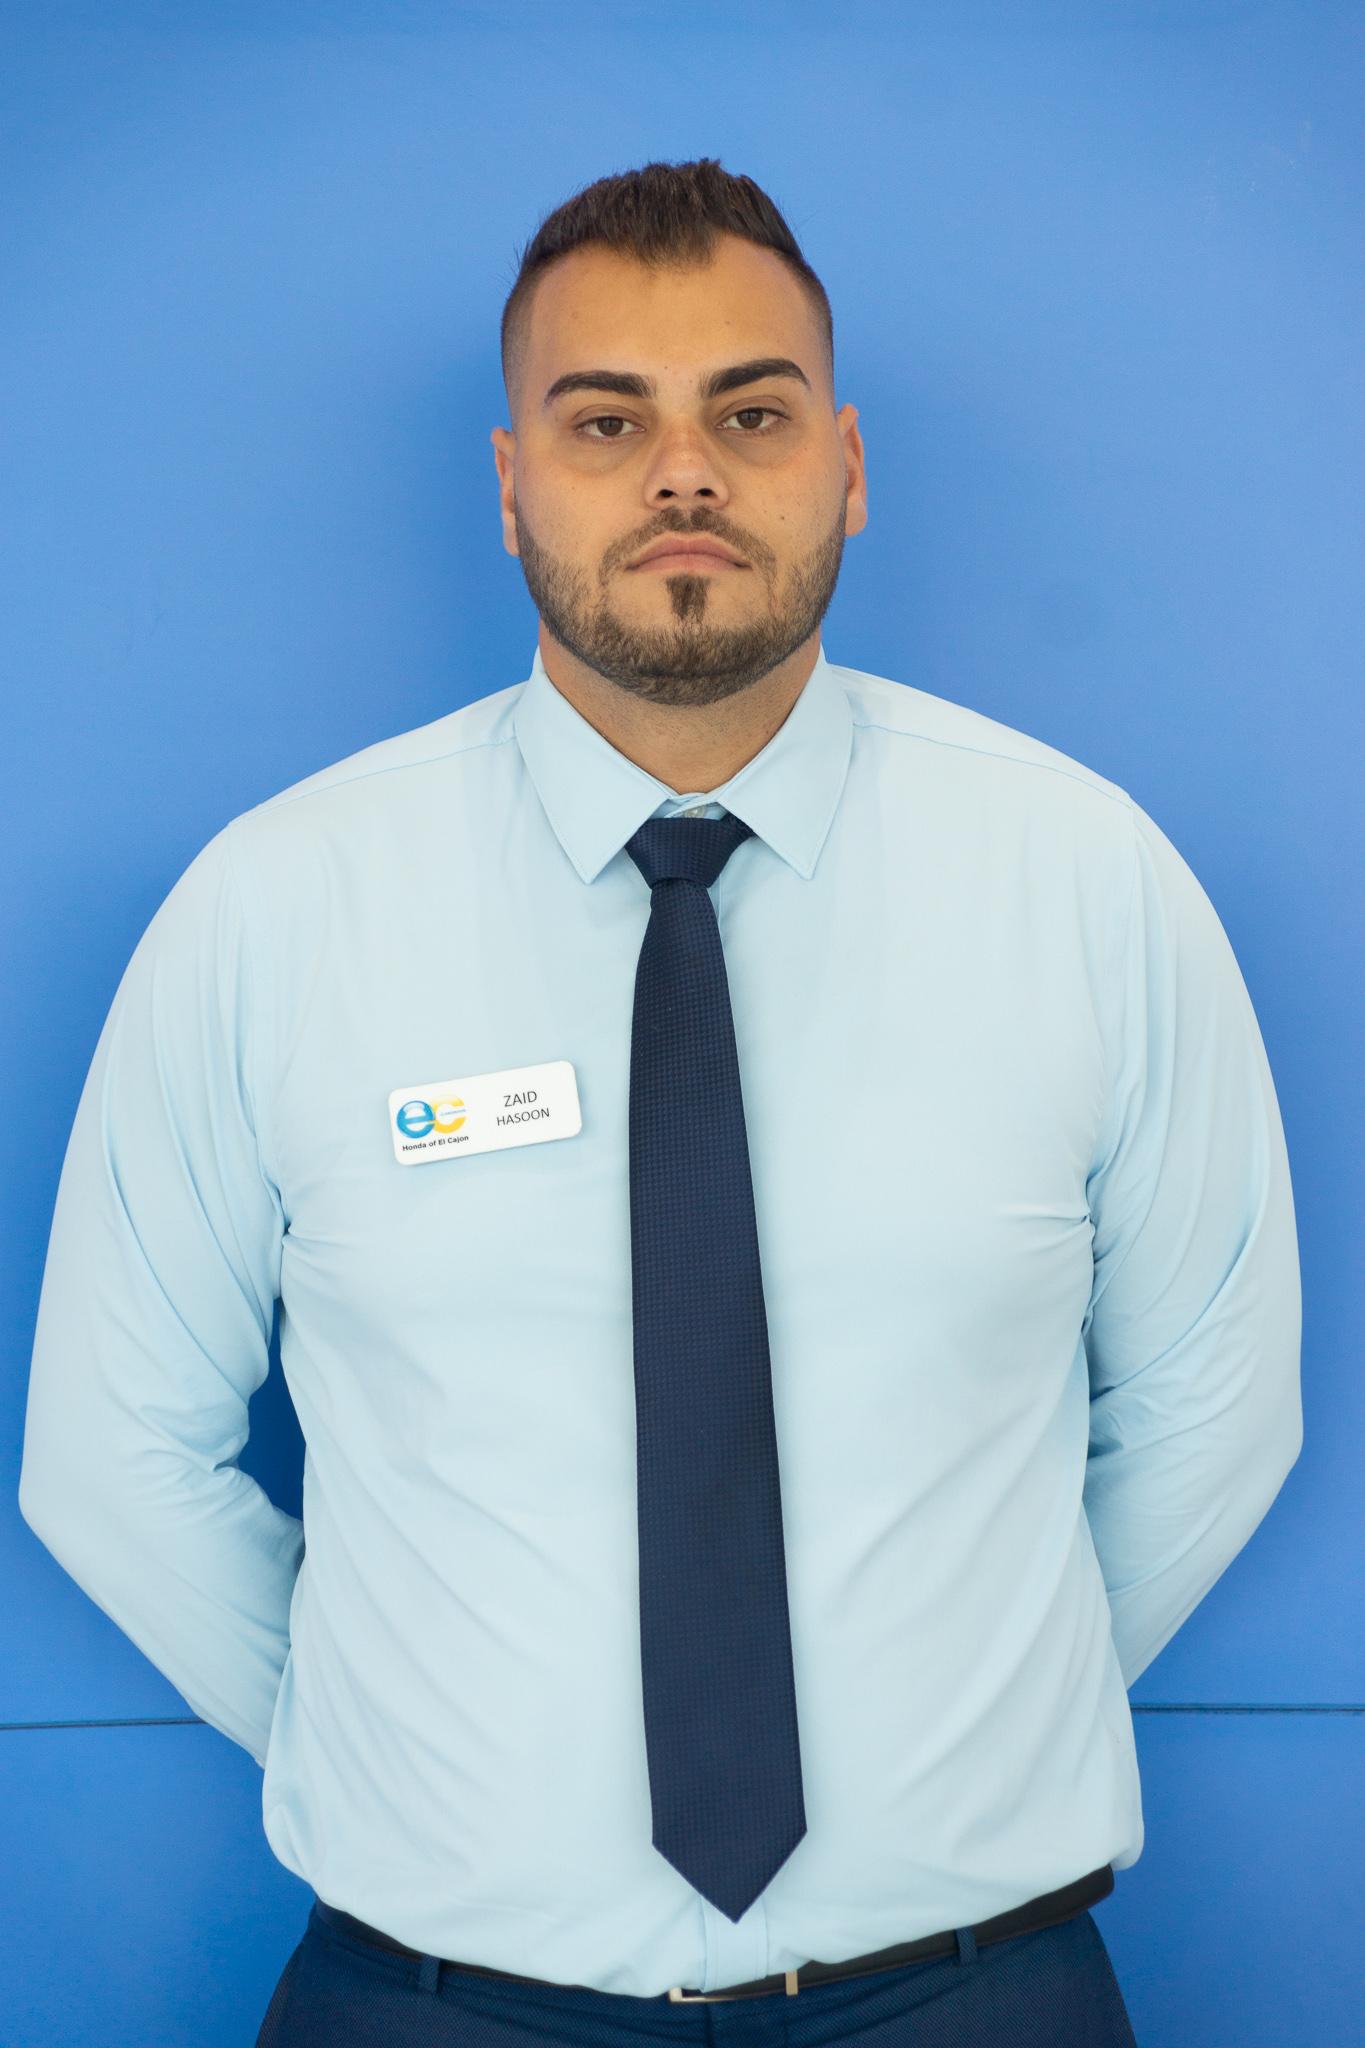 Zaid Hasoon Bio Image